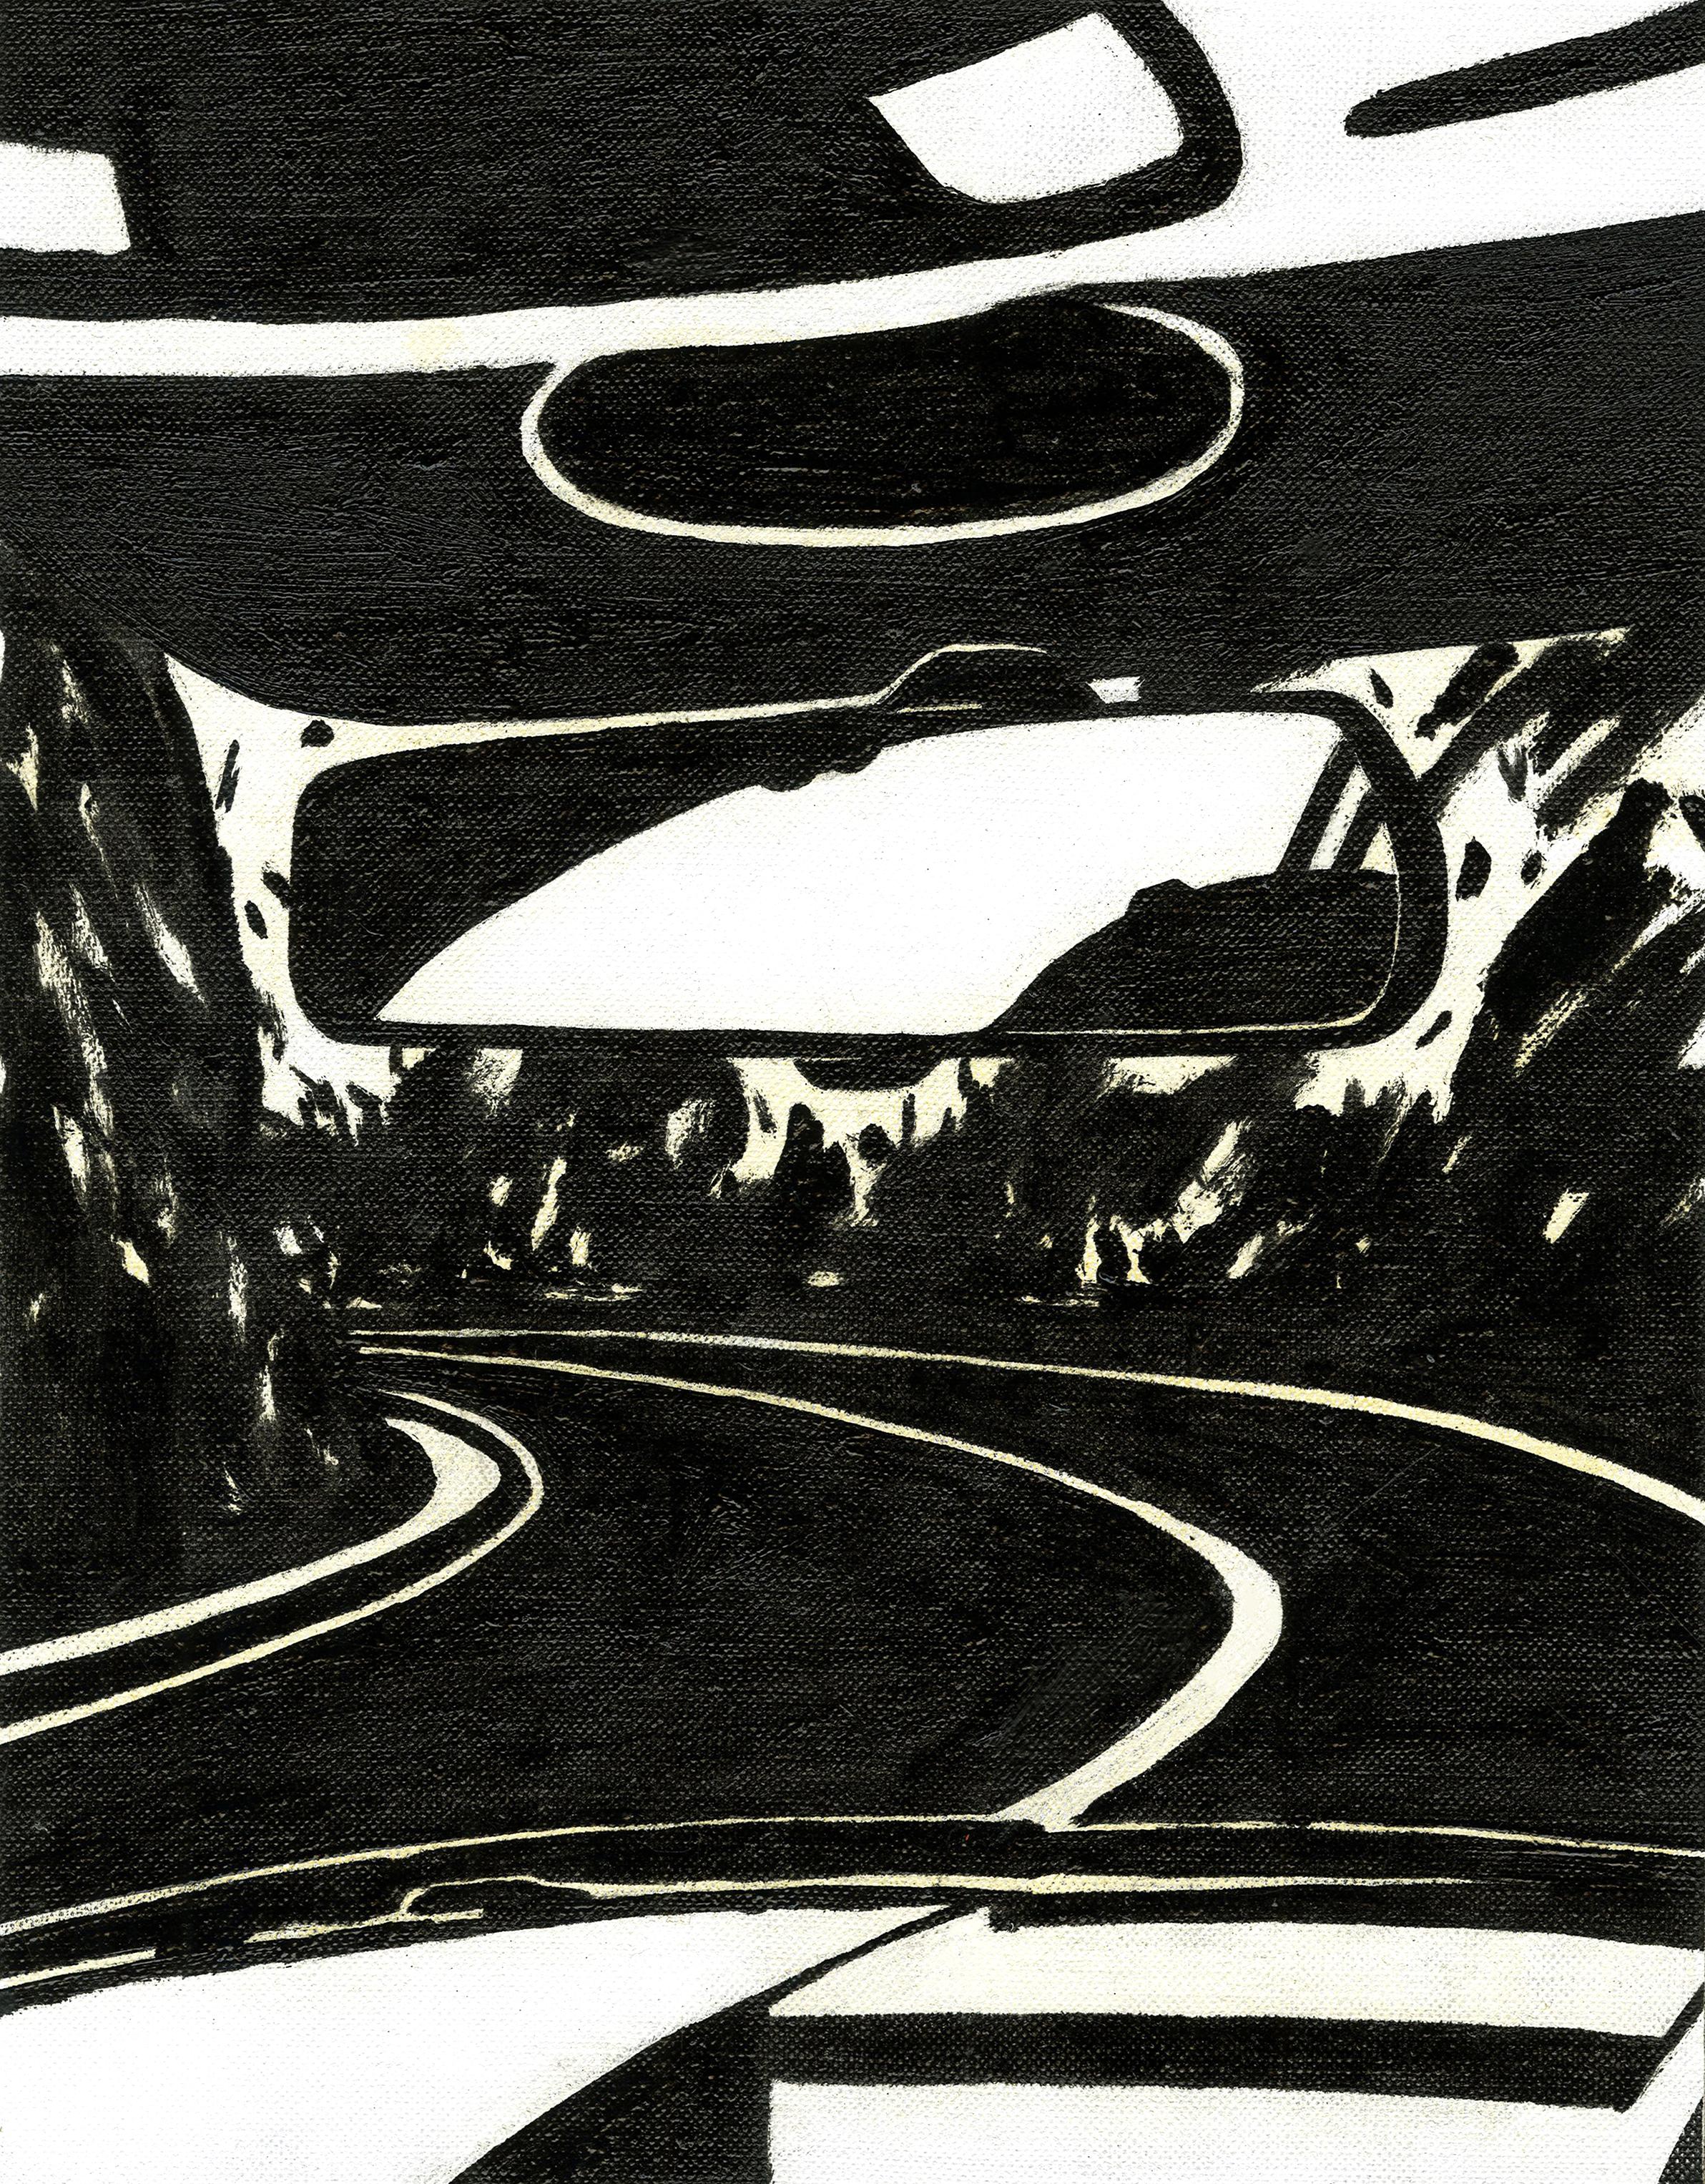 Road, 2016, Oil on linen